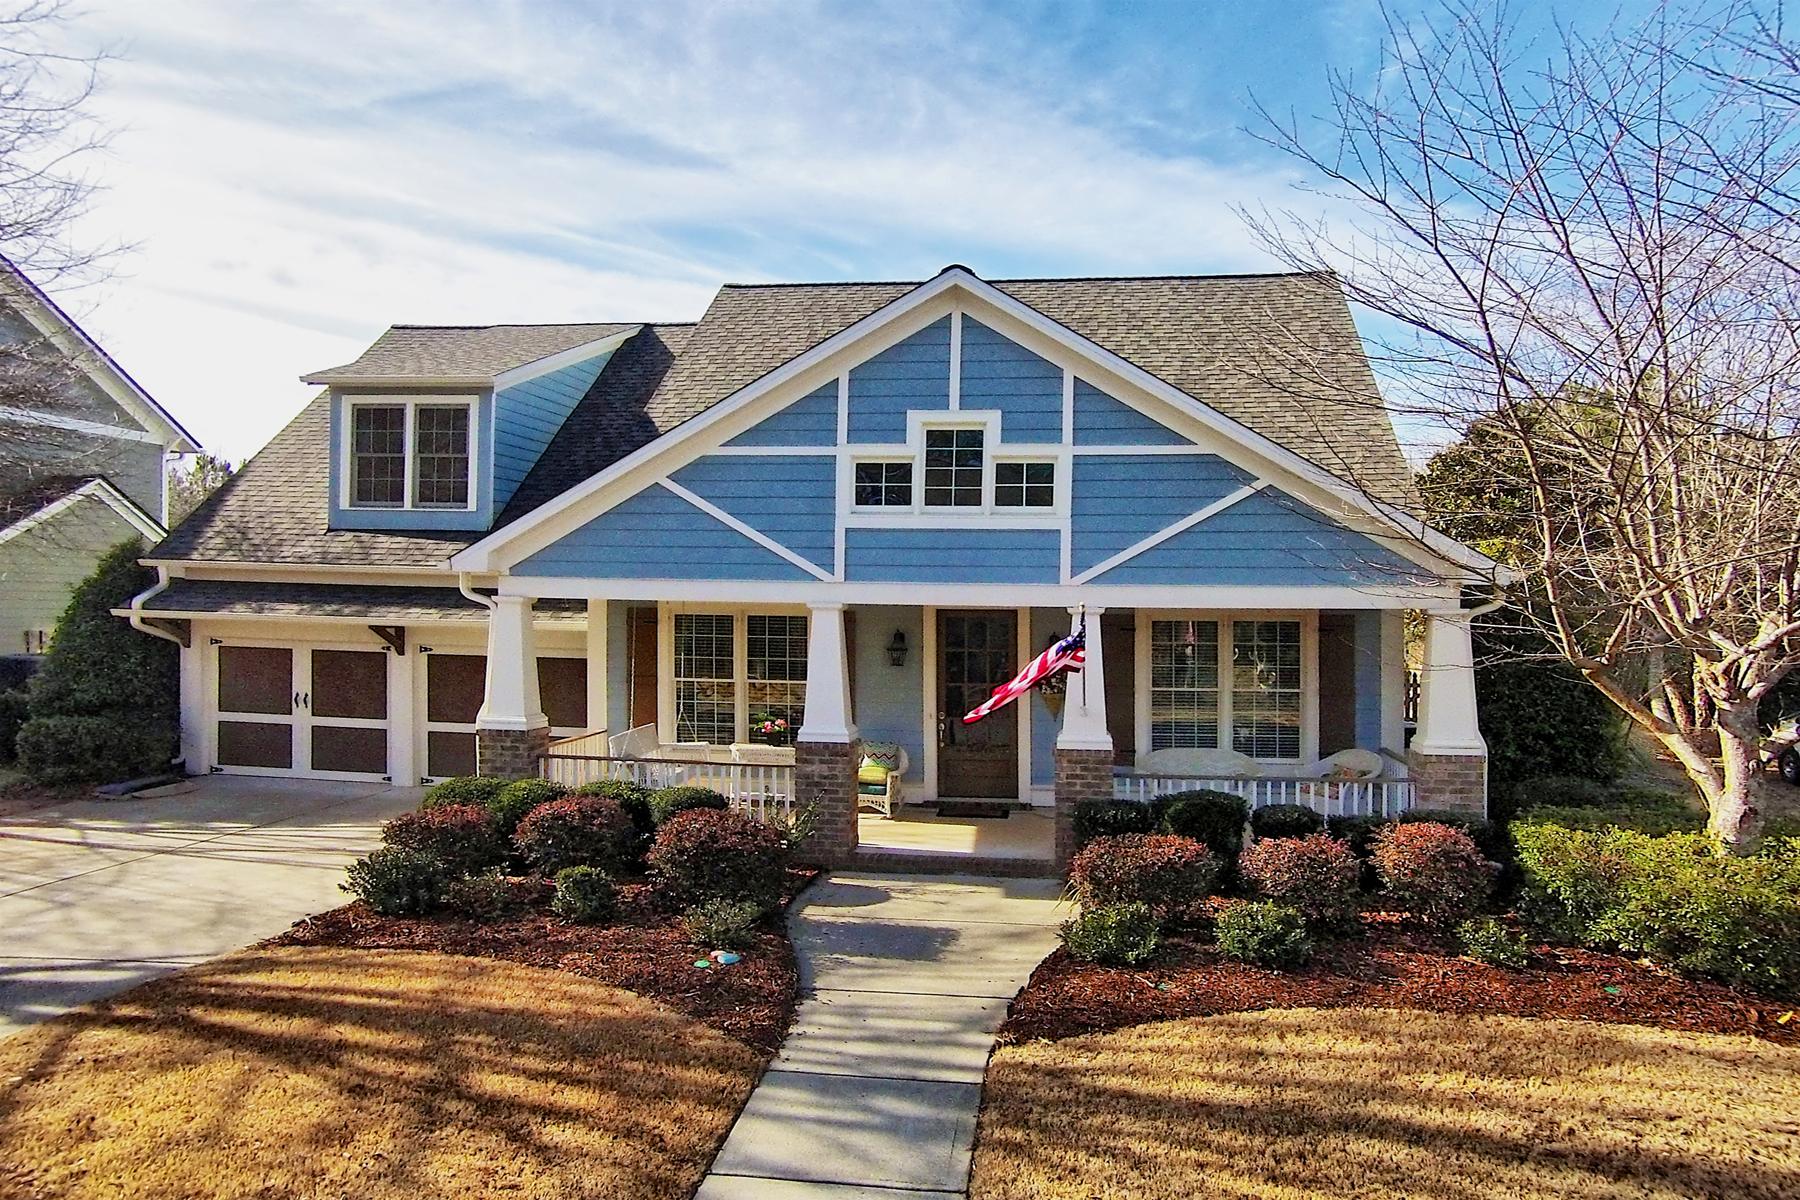 Villa per Vendita alle ore Addison Park at River Green 602 Parkview Drive, Canton, Georgia, 30114 Stati Uniti